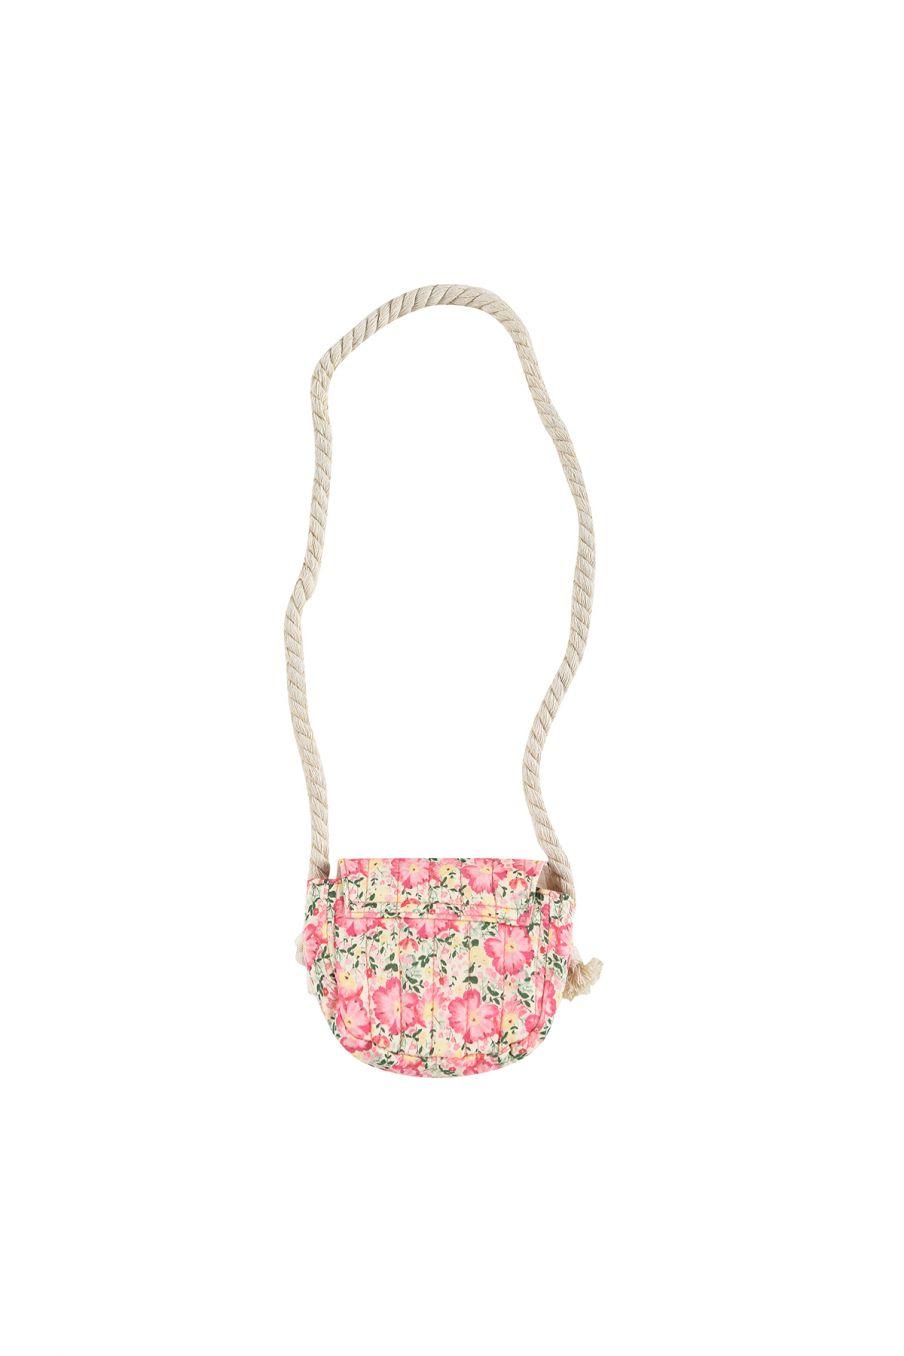 boheme chic vintage sac fille poppy pink meadow